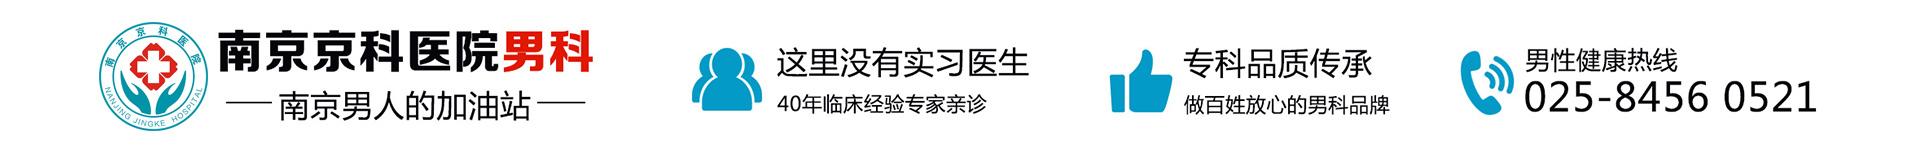 南京赌场大富翁